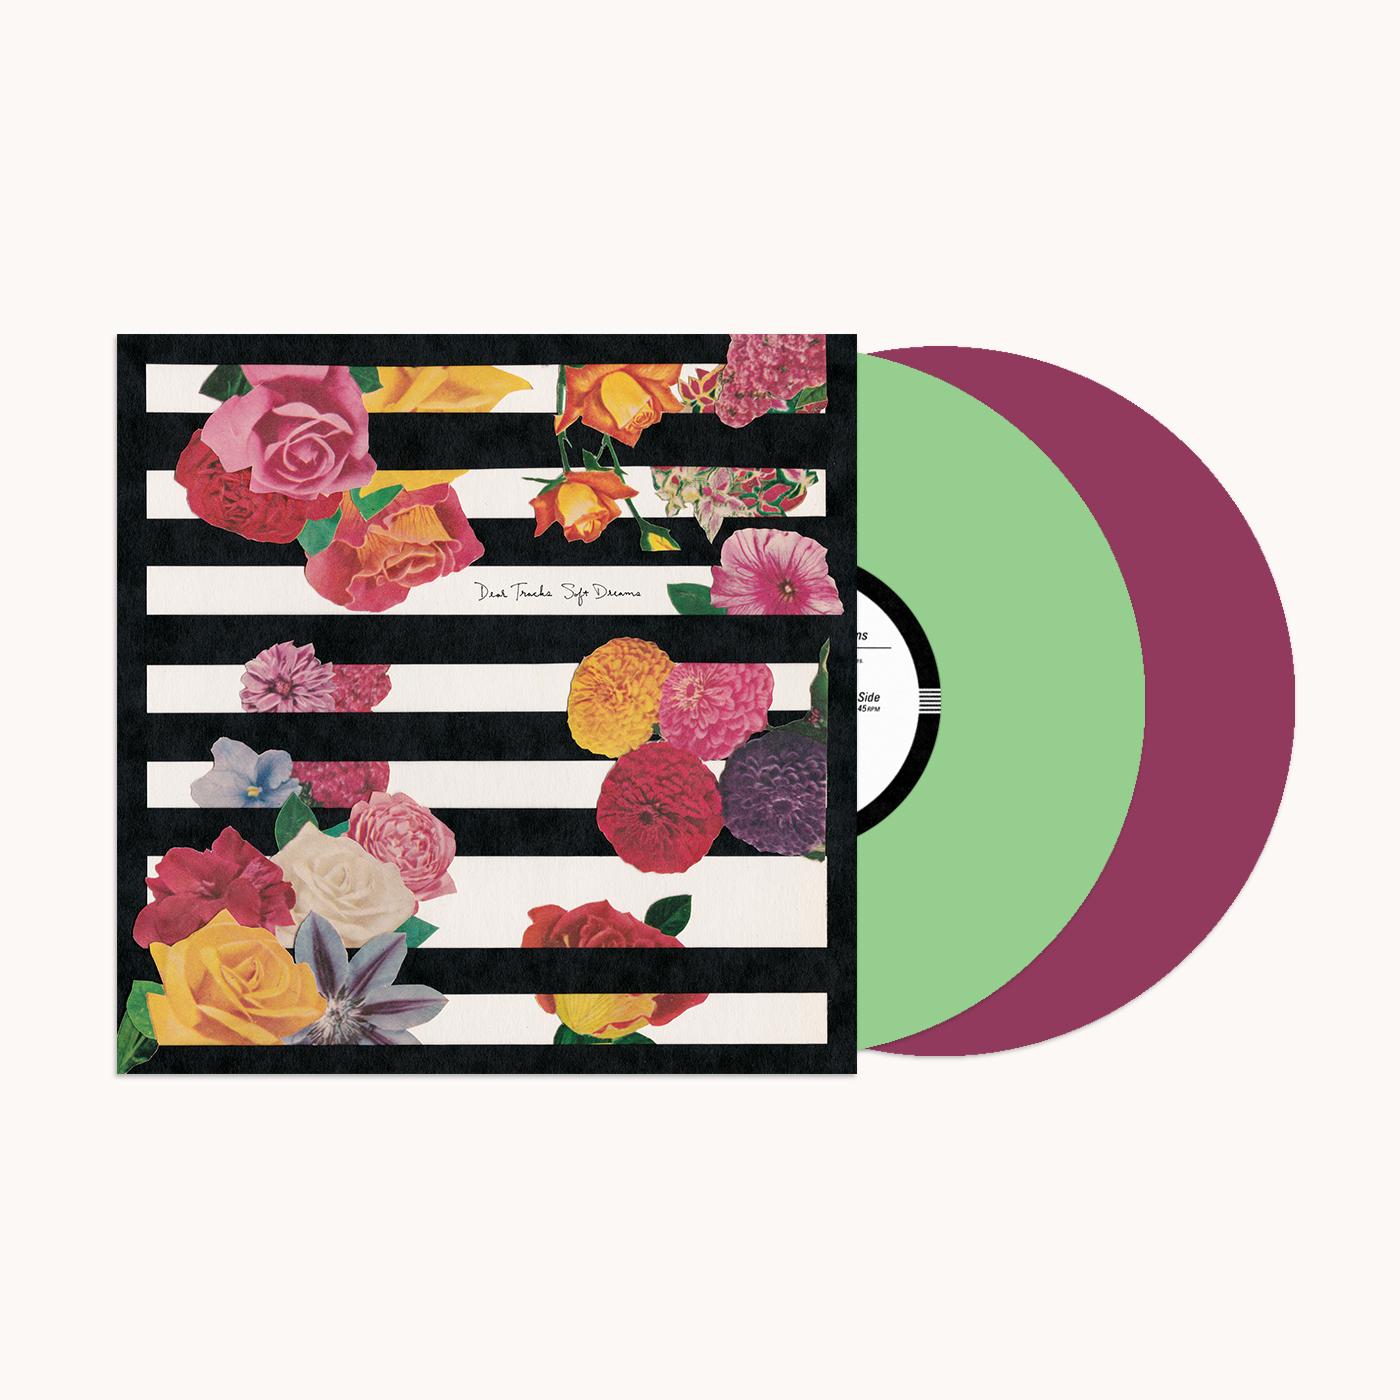 FHVI-015 Dear Tracks EP_vinyl (both).jpg